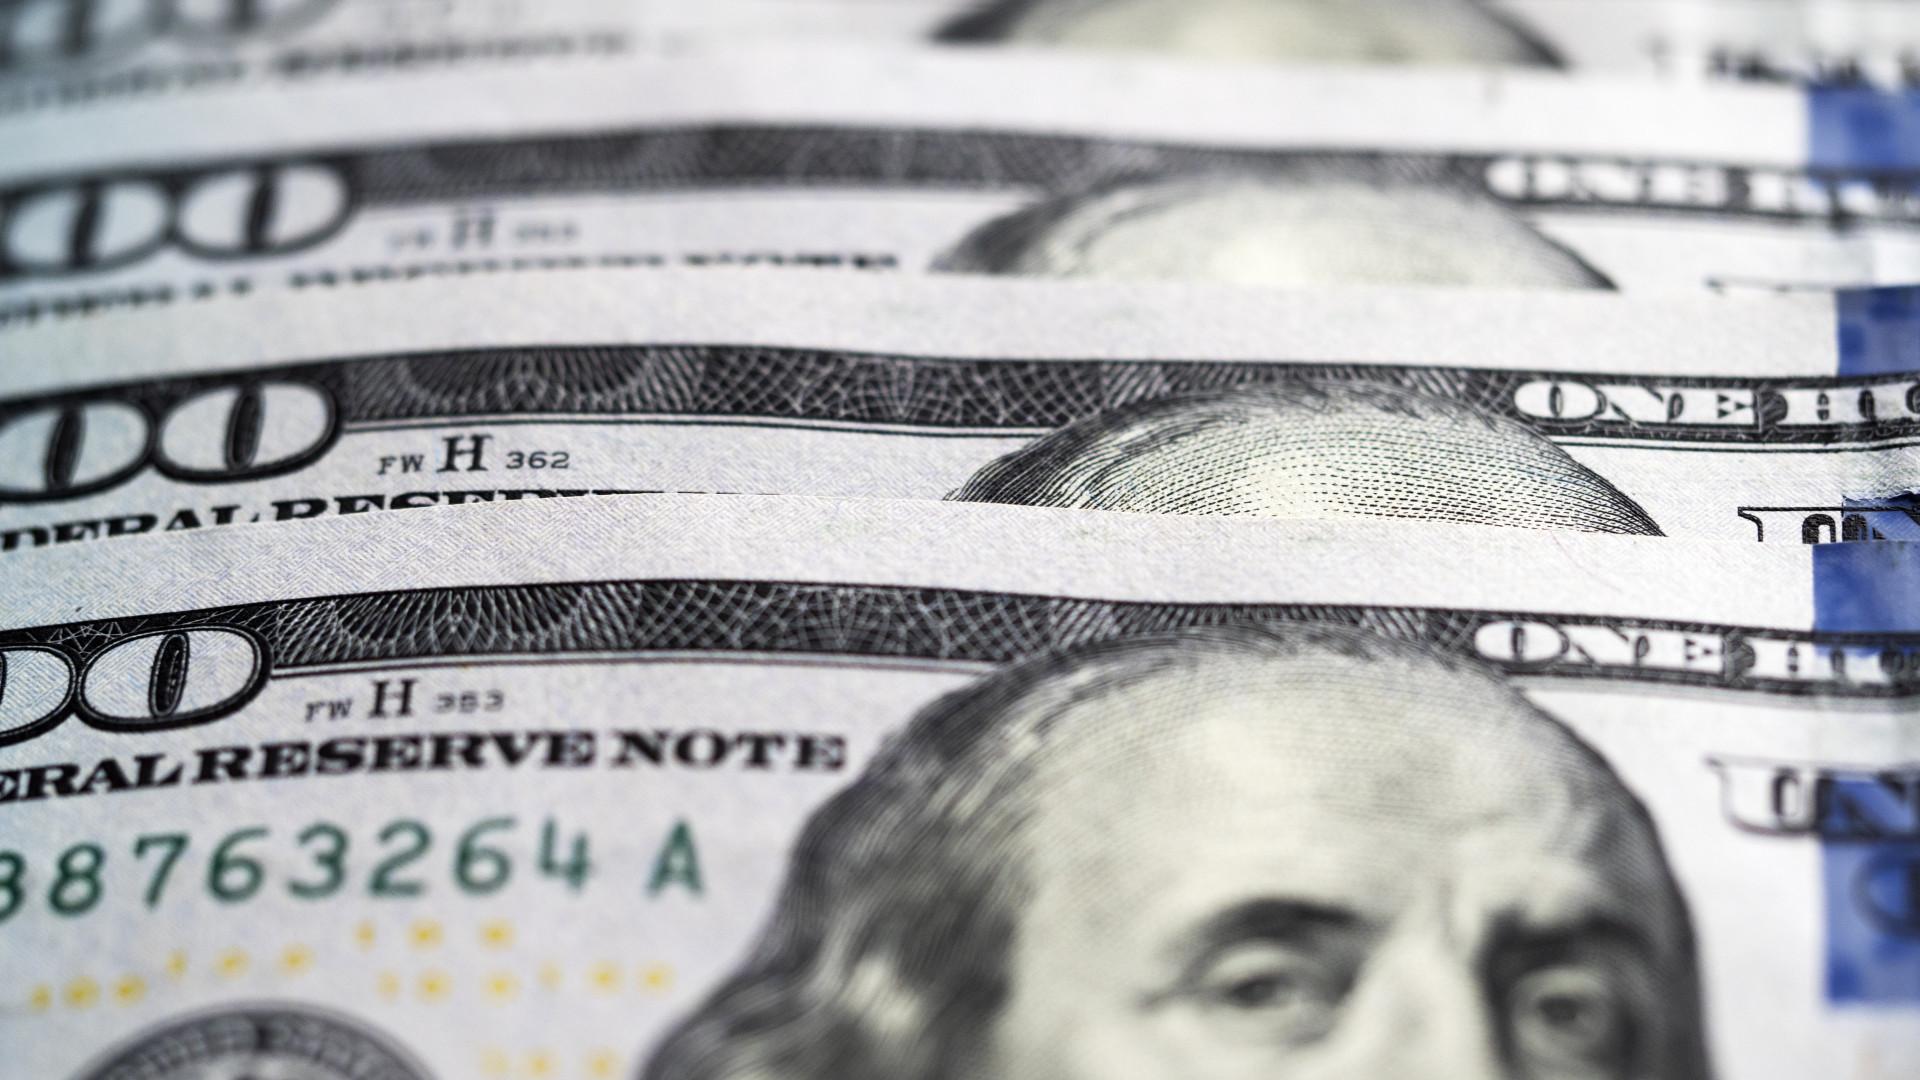 hogyan lehet pénzt keresni pár perc alatt ahol gyorsan kereshet bitcoinokat